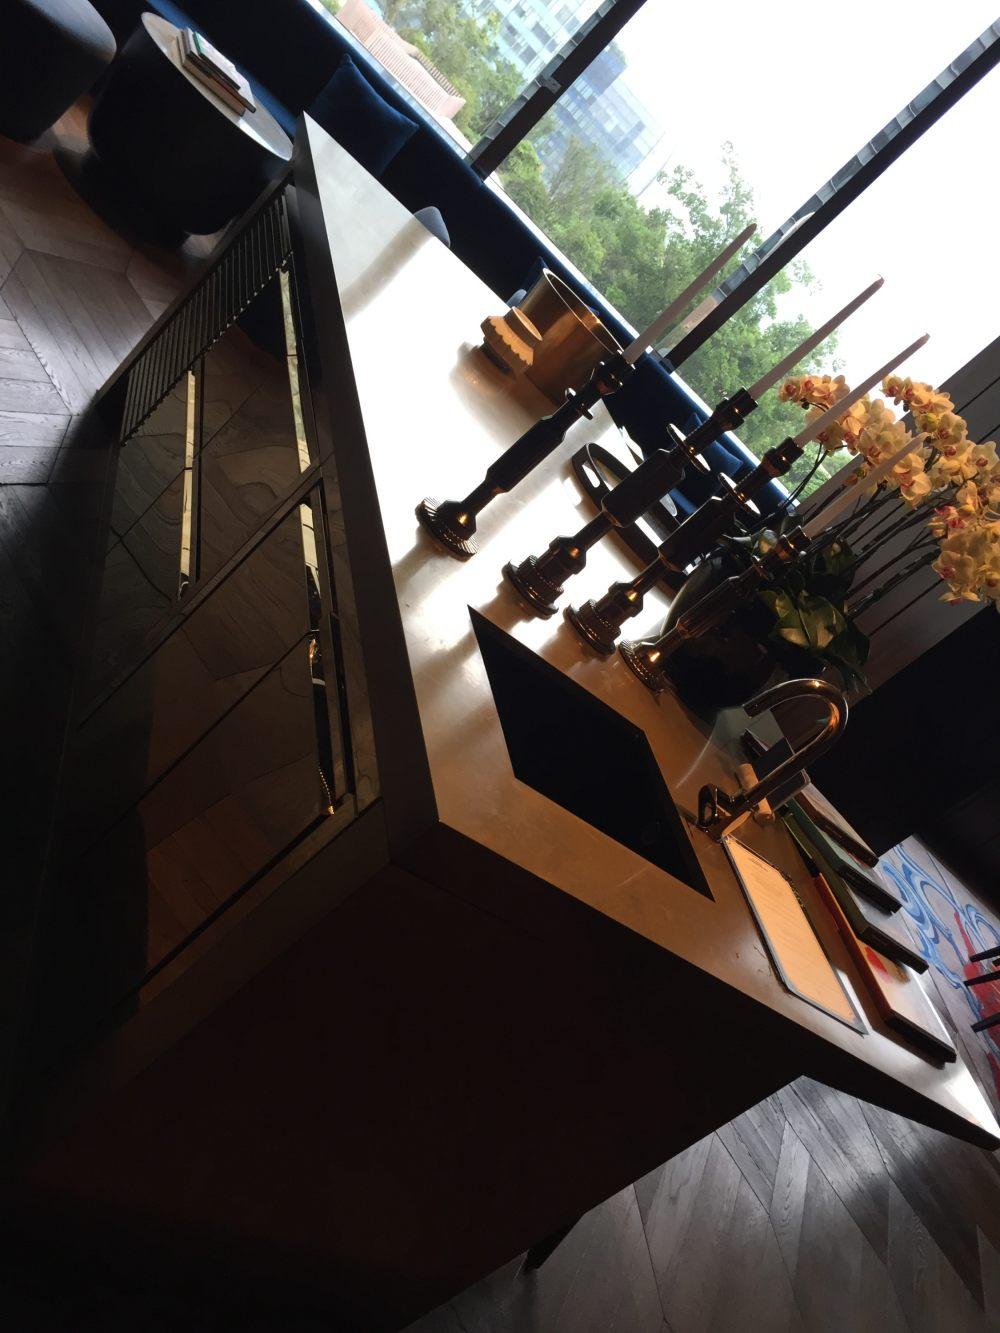 上海外滩W酒店,史上最全入住体验 自拍分享,申请置...._IMG_6343.JPG